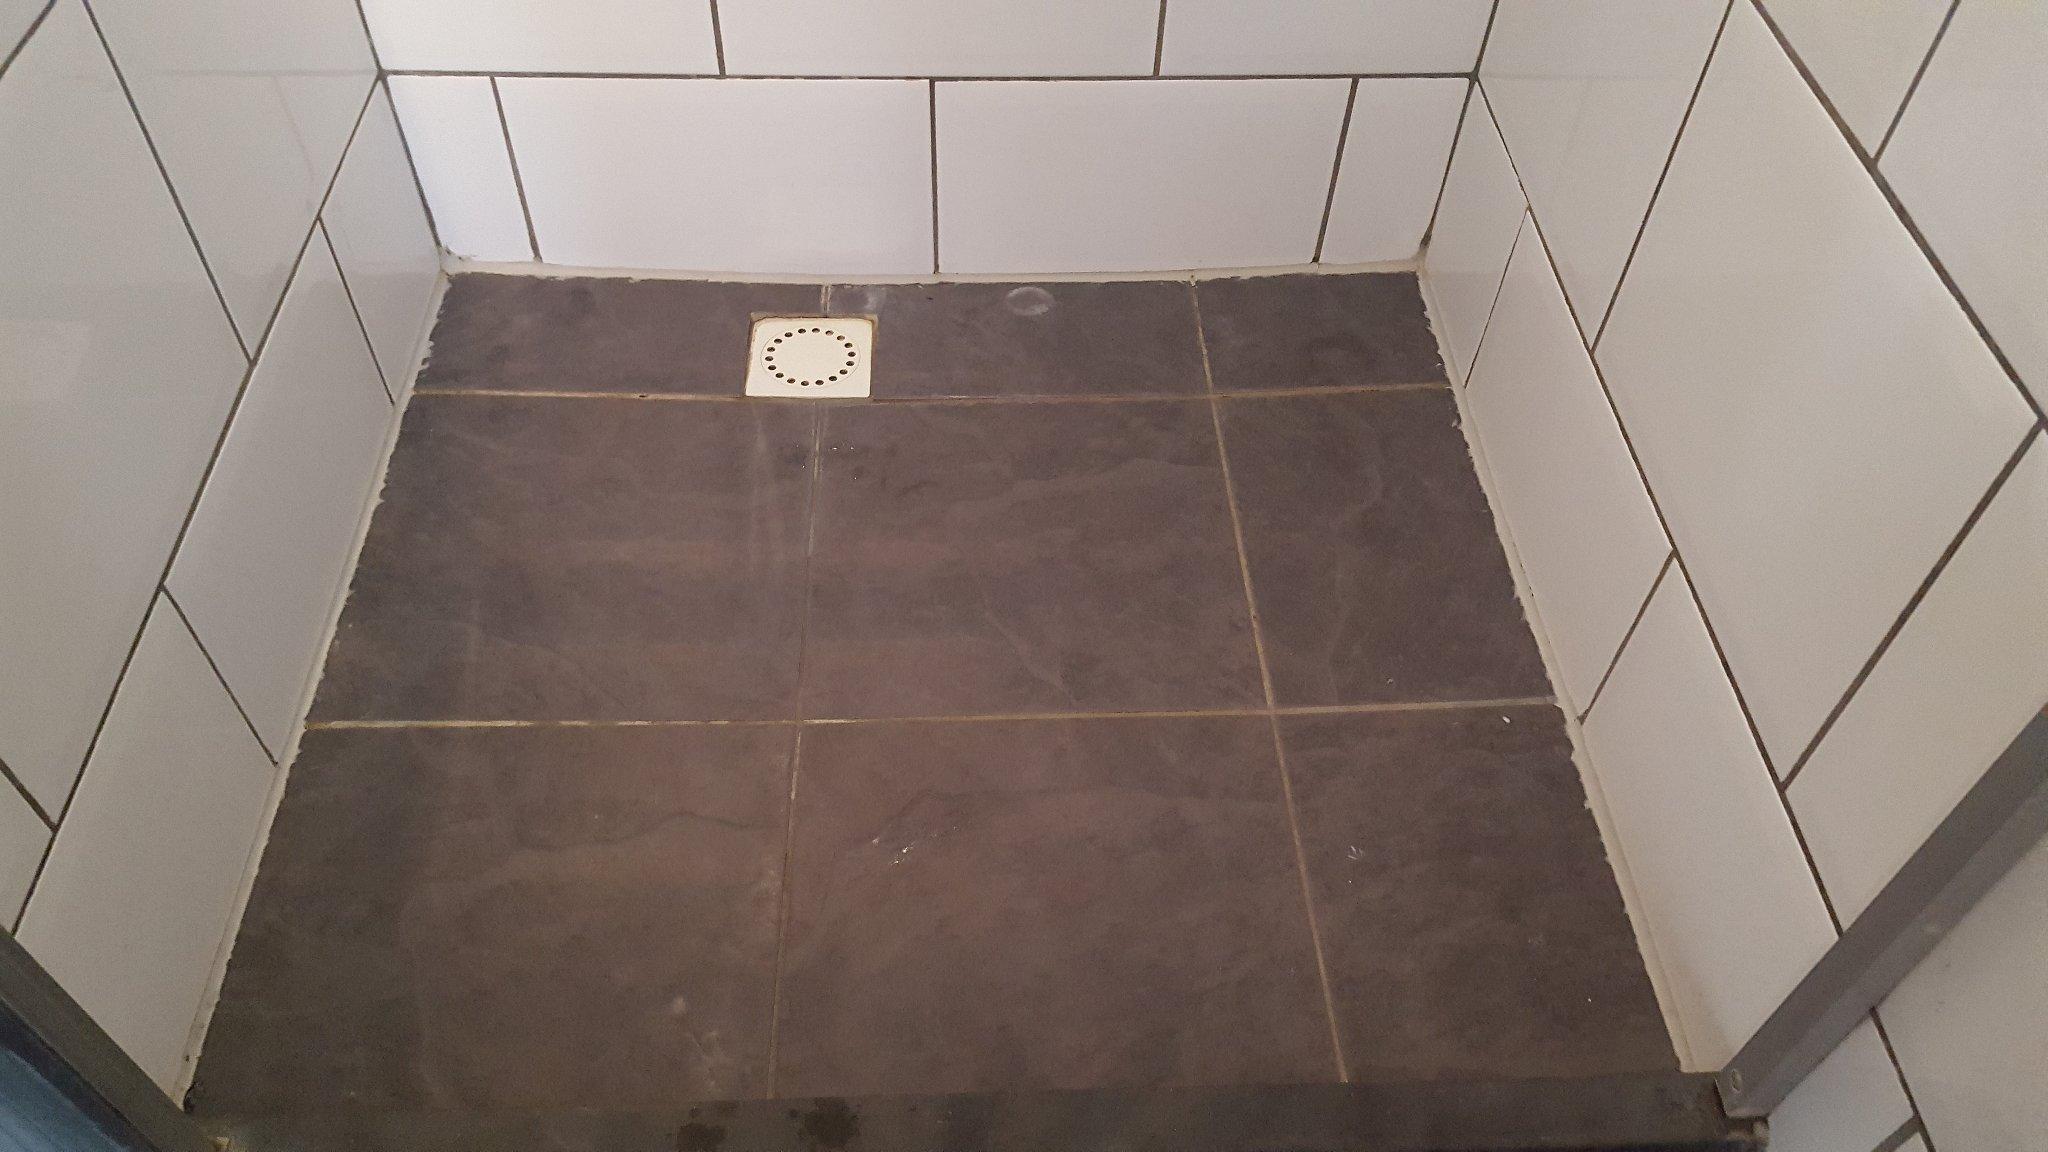 Badkamer Deels Betegelen : Badkamer tegels opnieuw kitten badkamertegels voegen is niet heel